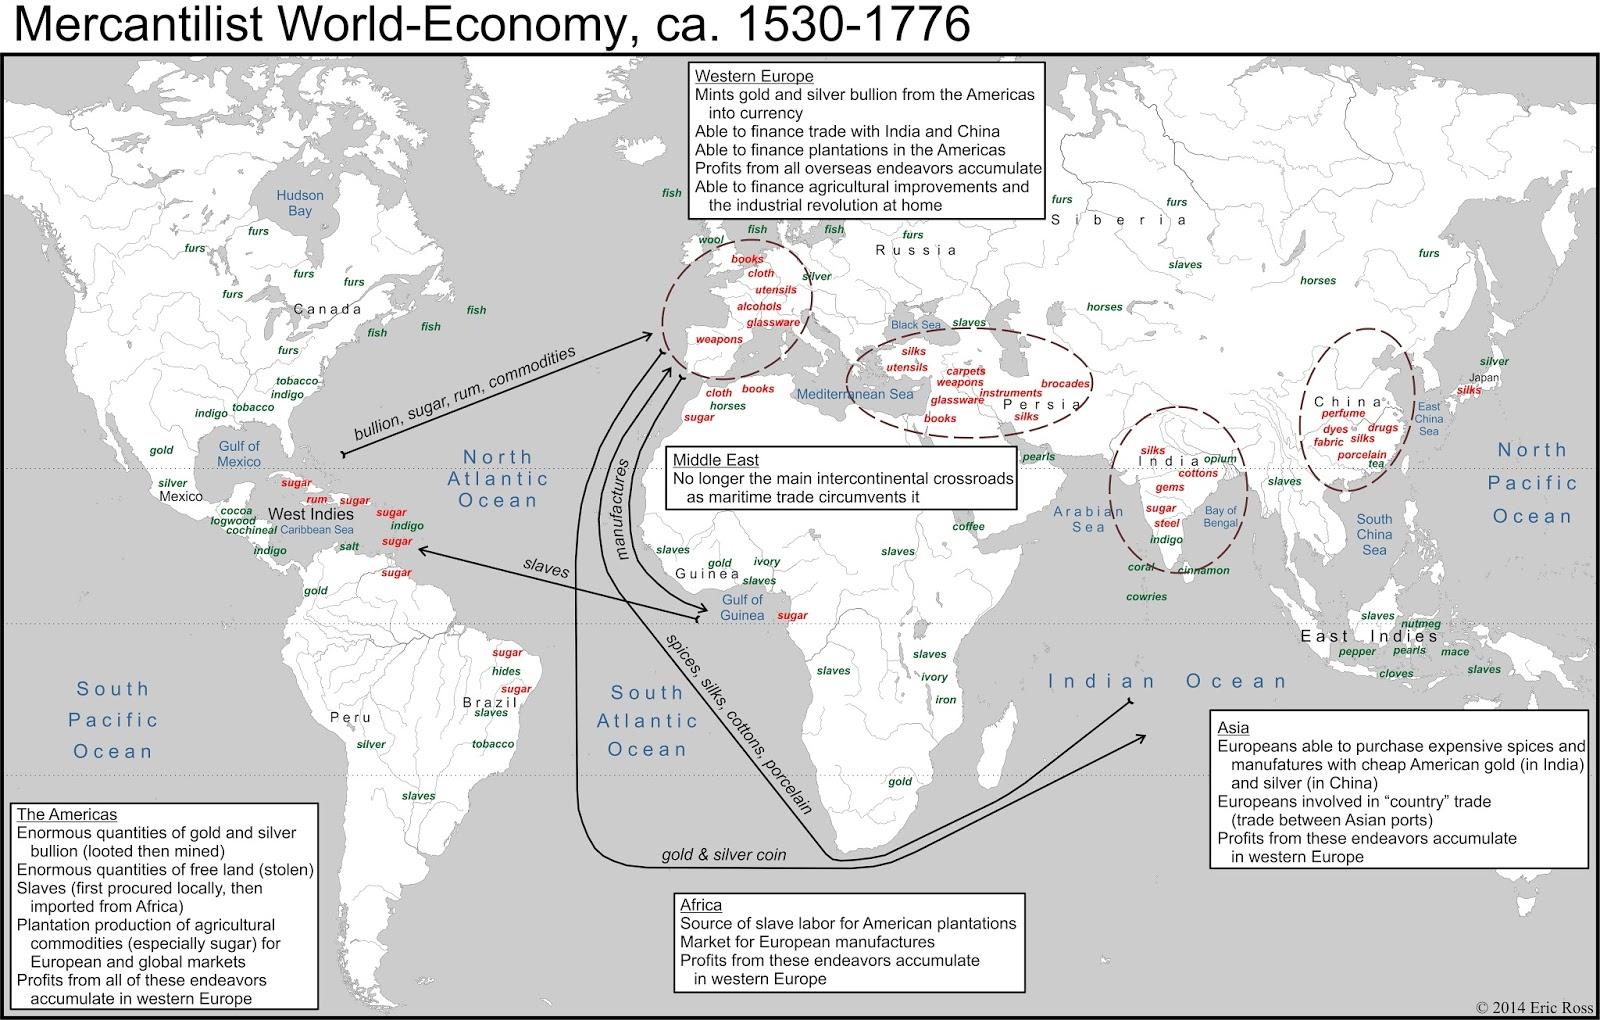 Ciencias sociales colonialismo europeo siglos xvii xviii bibliografia gumiabroncs Choice Image